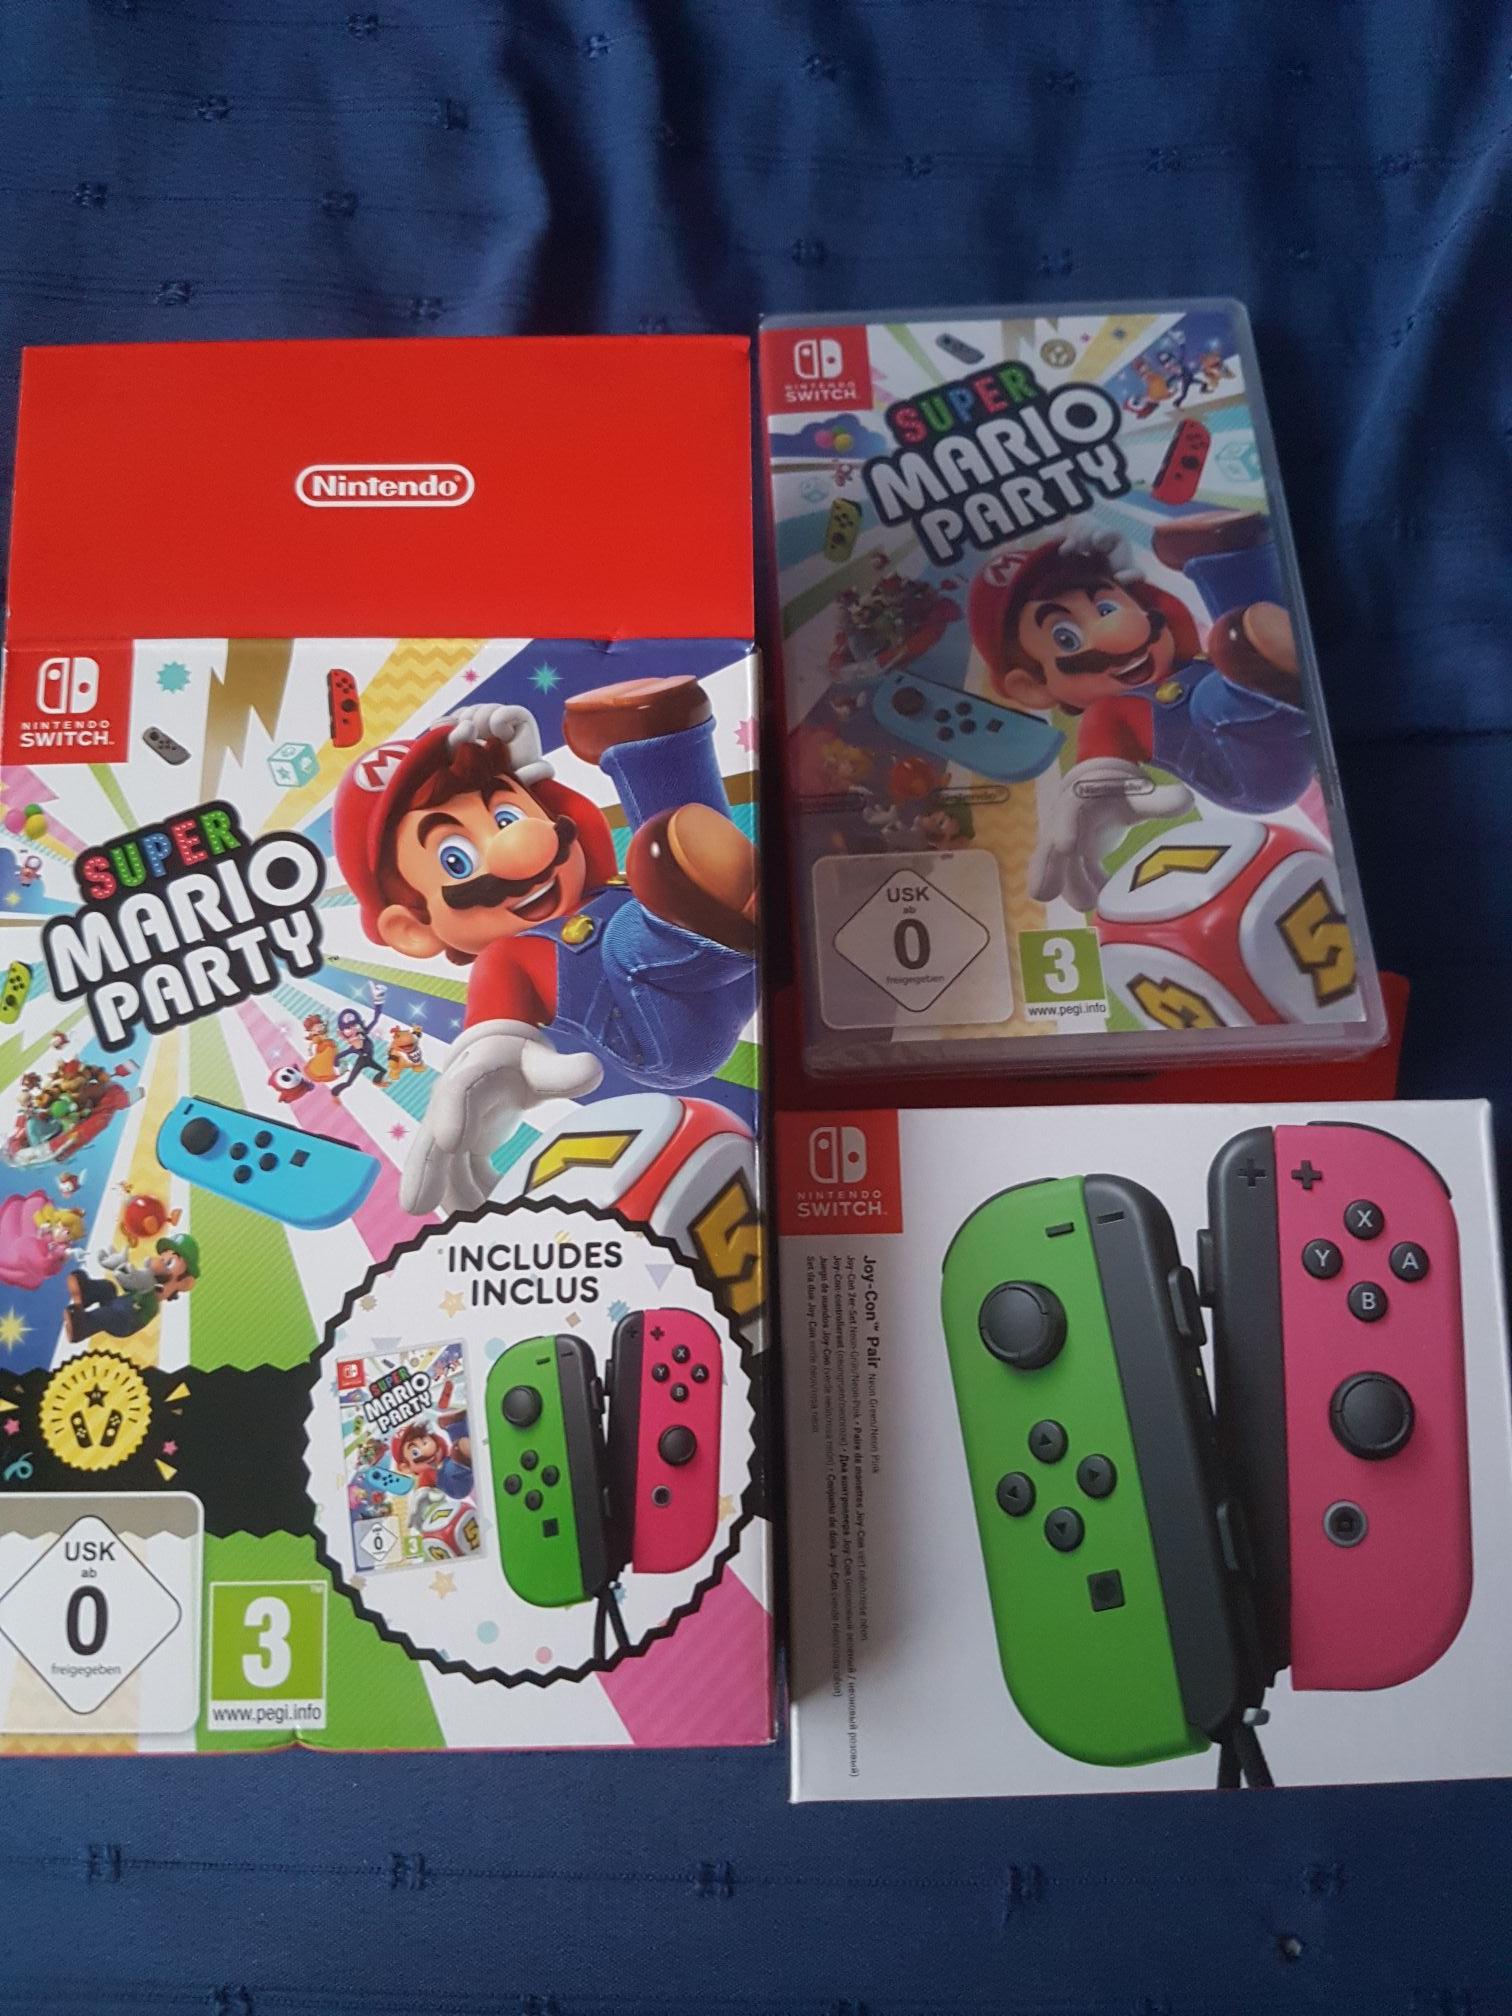 Pack Super Mario Party sur Switch + paire de manettes Joy-Con (vert/rose) - Saint-Pierre-des-Corps (37)